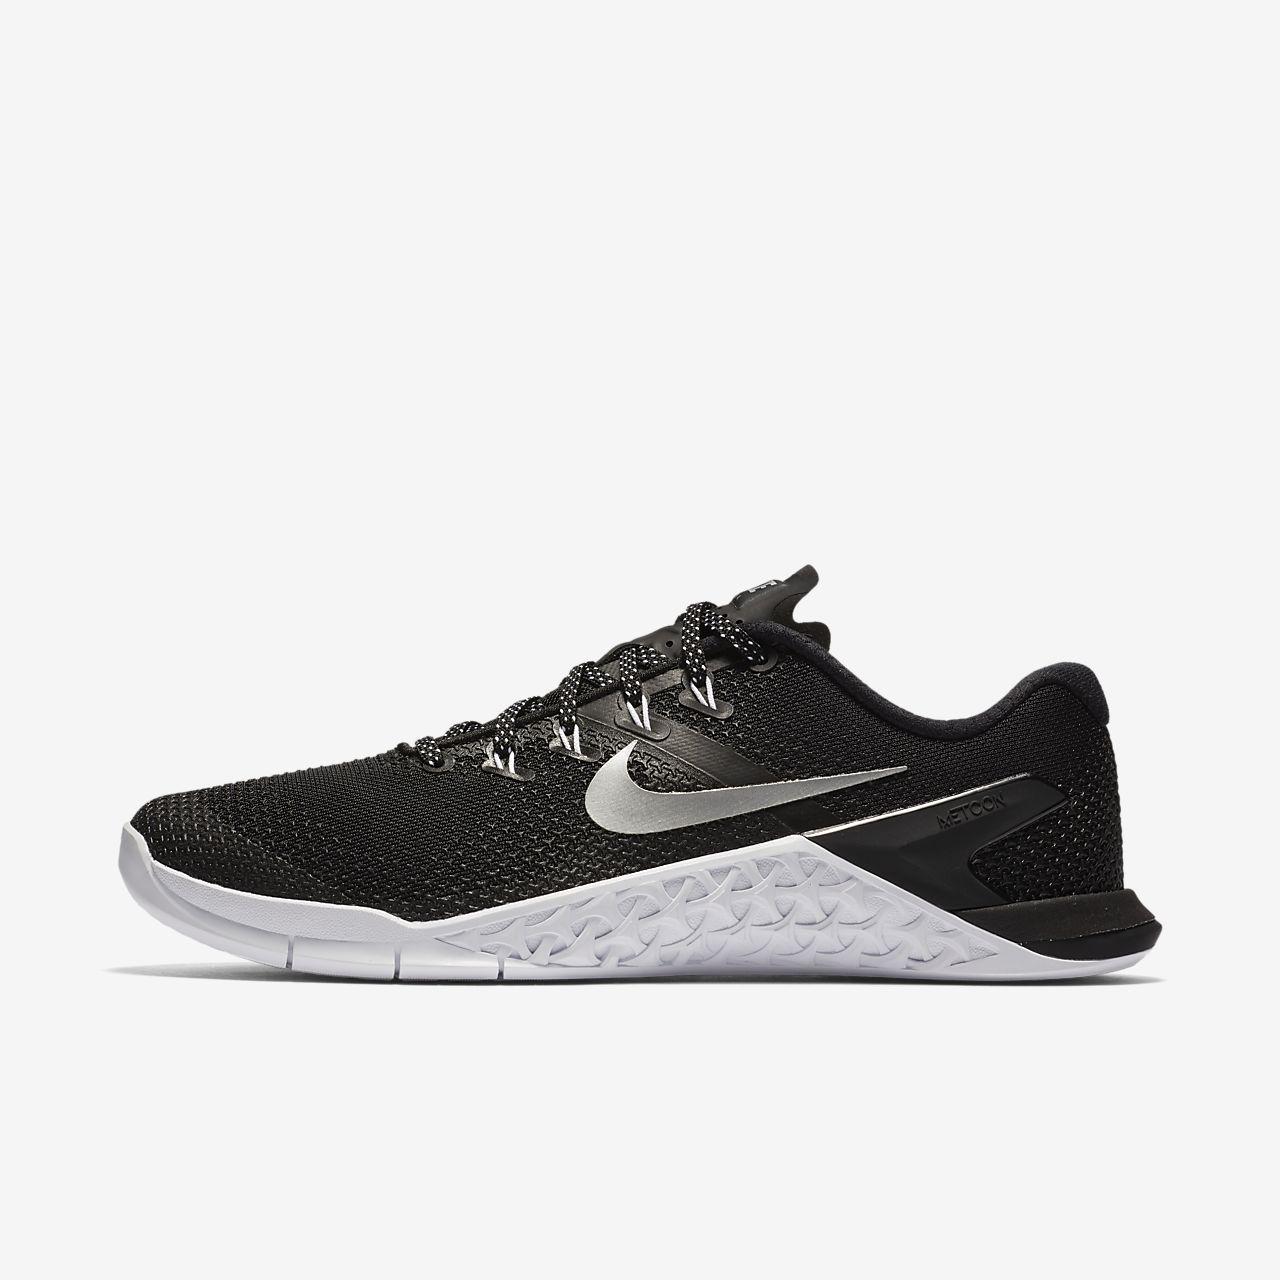 premium selection 4b7d0 1df09 ... Nike Metcon 4 Zapatillas de cross-training y levantamiento de pesas -  Mujer